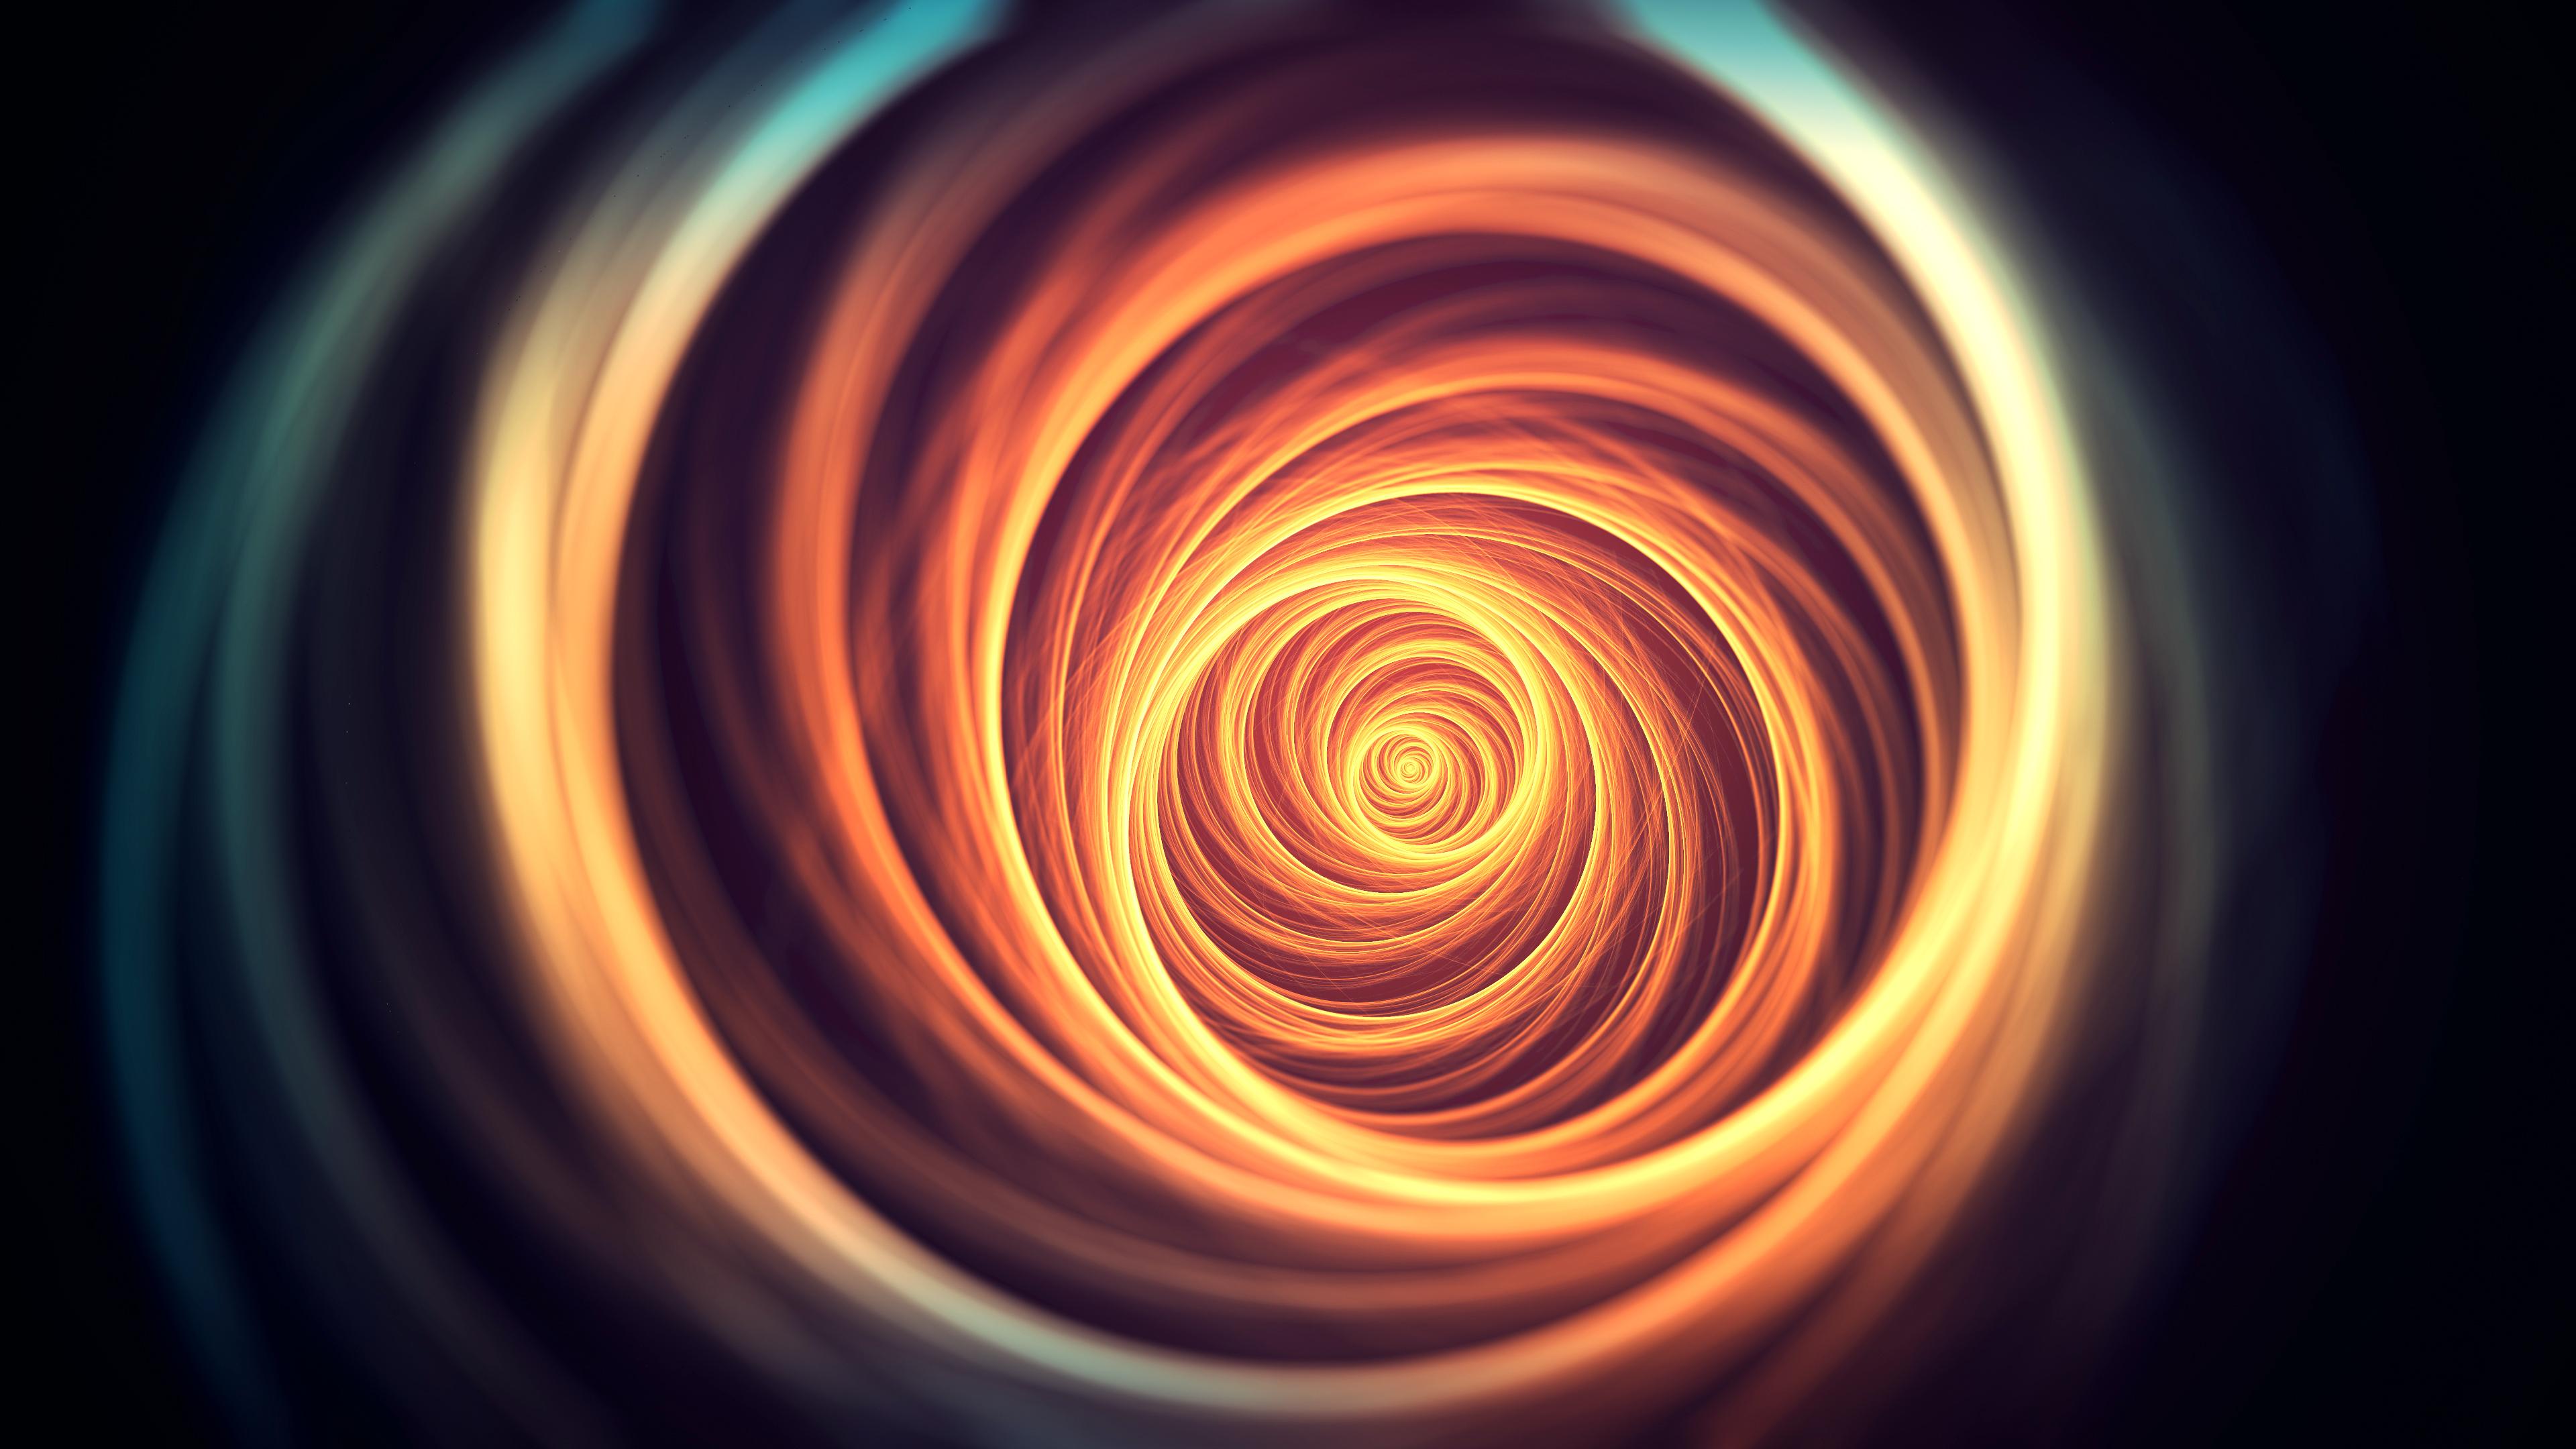 Wallpaper Light Wallpaper Orange White Abstract